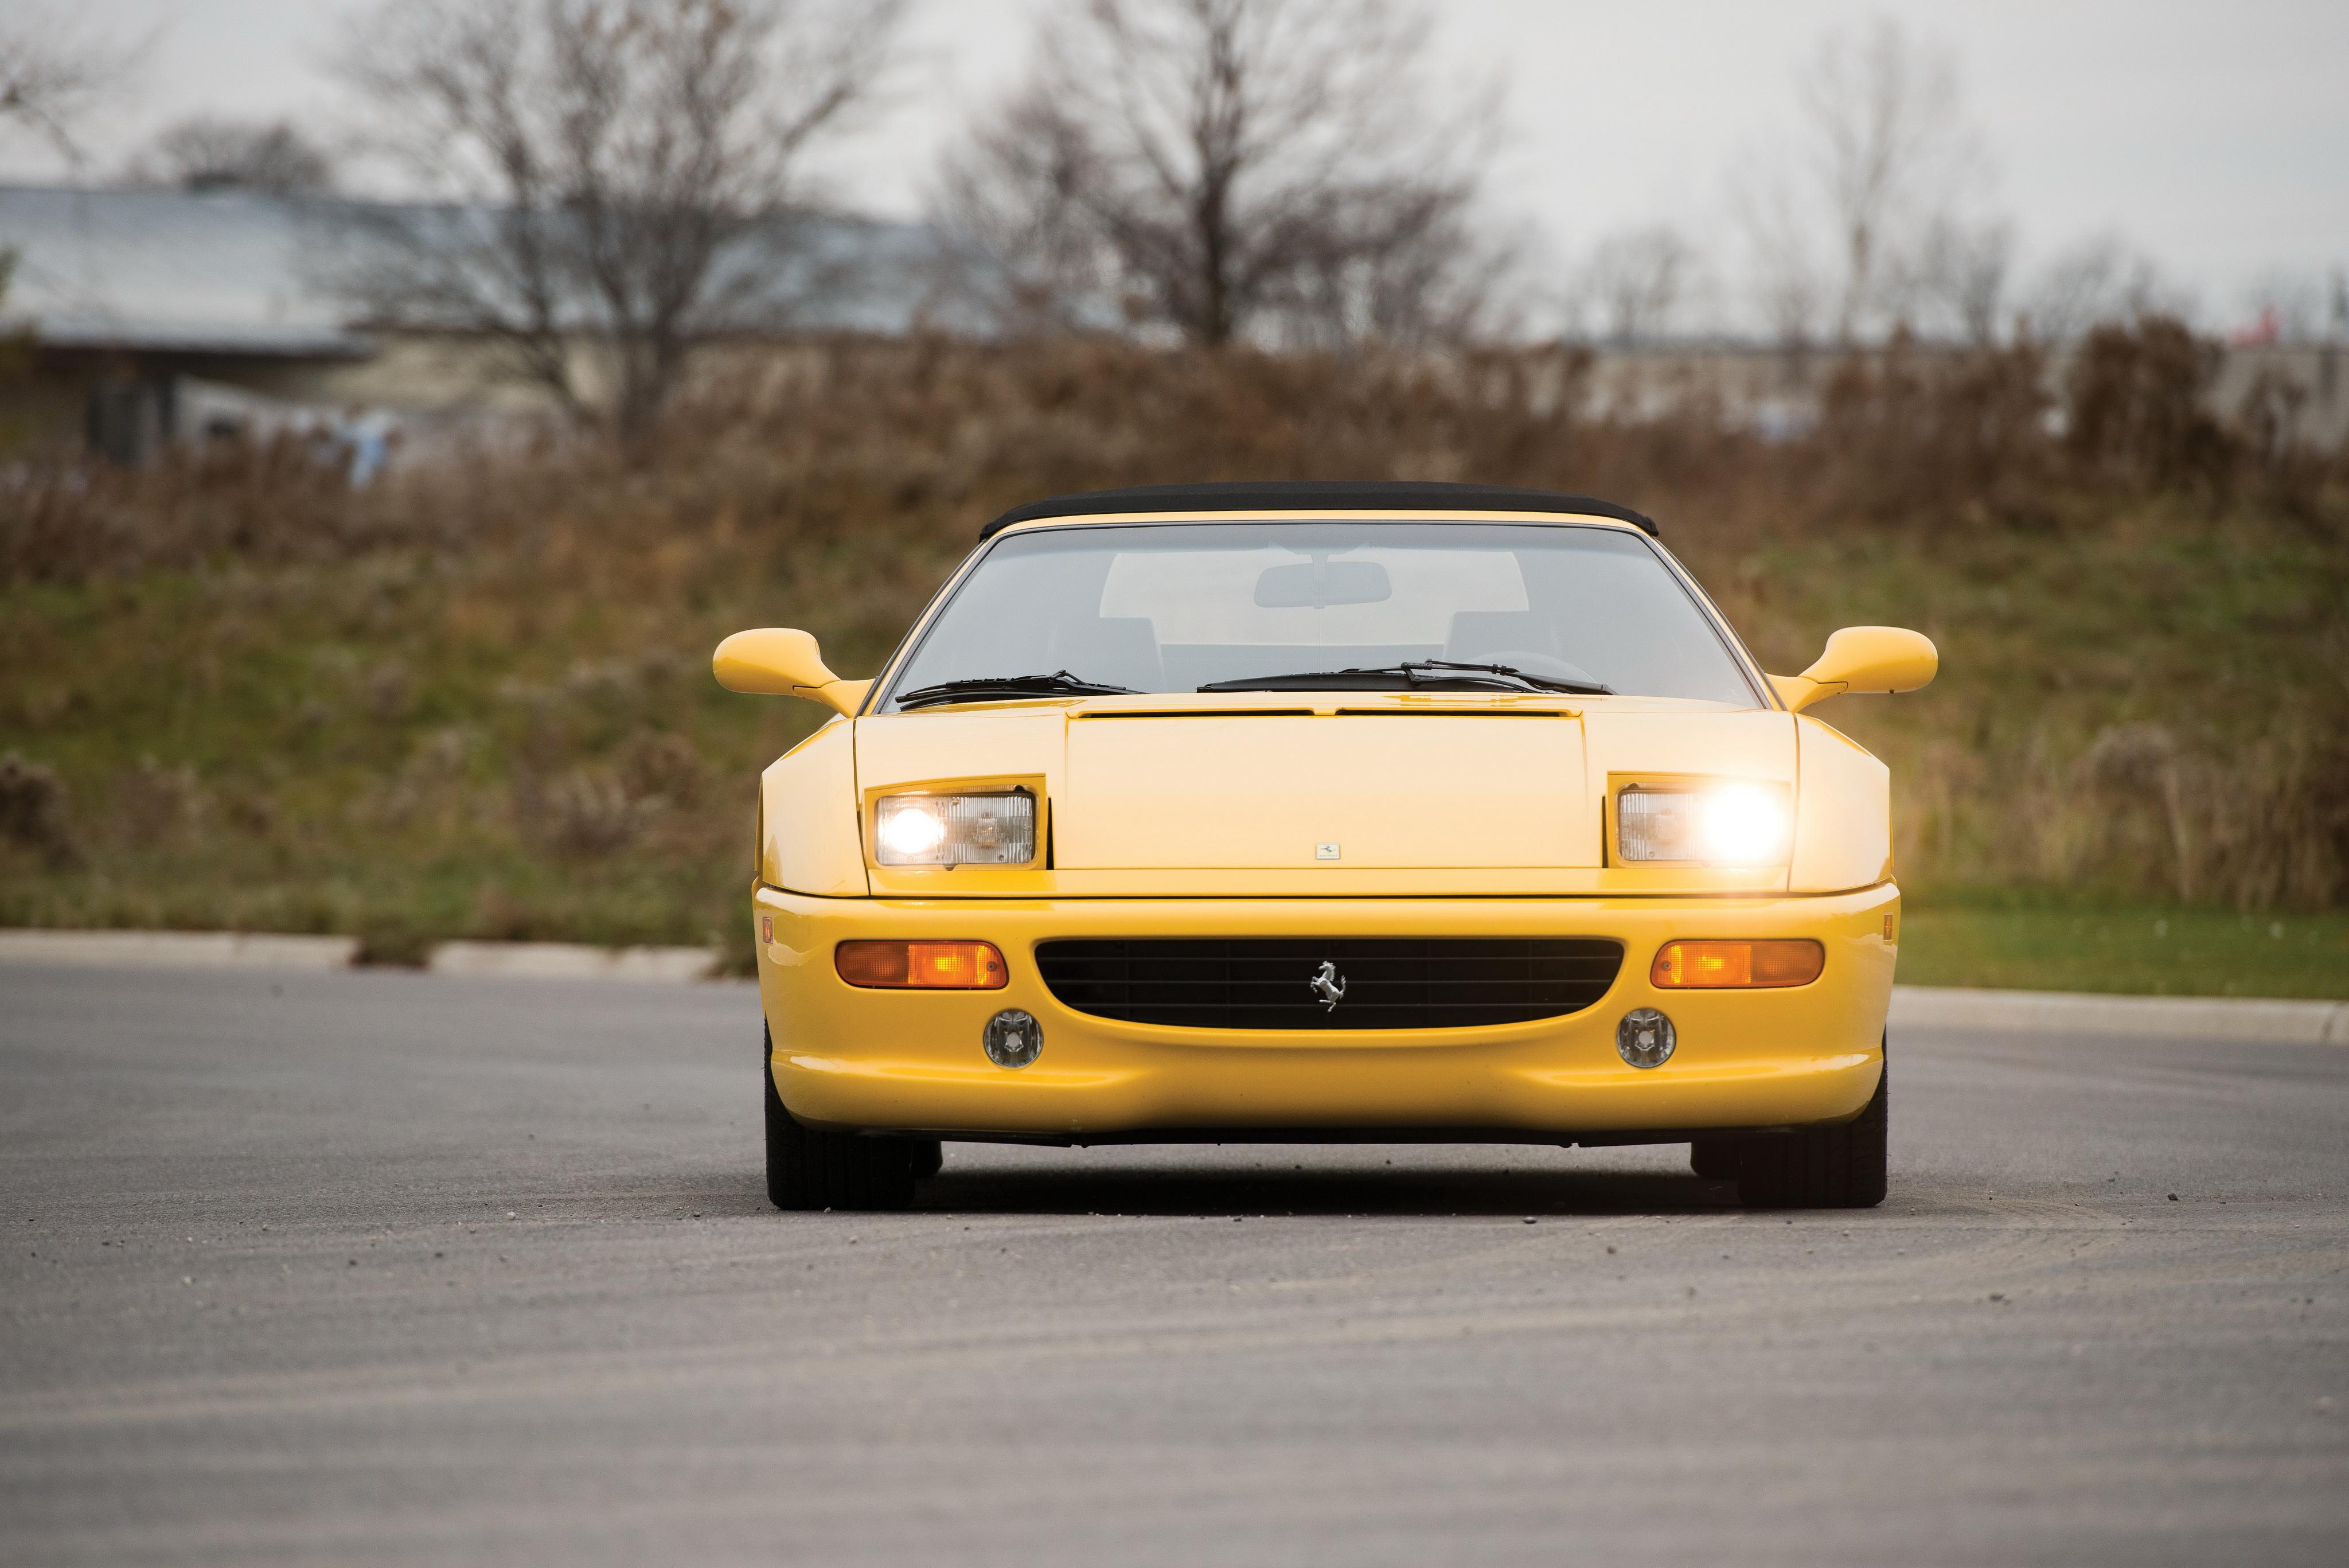 Легендарный Ferrari F355 был продан на аукционе США в ужасающем состоянии